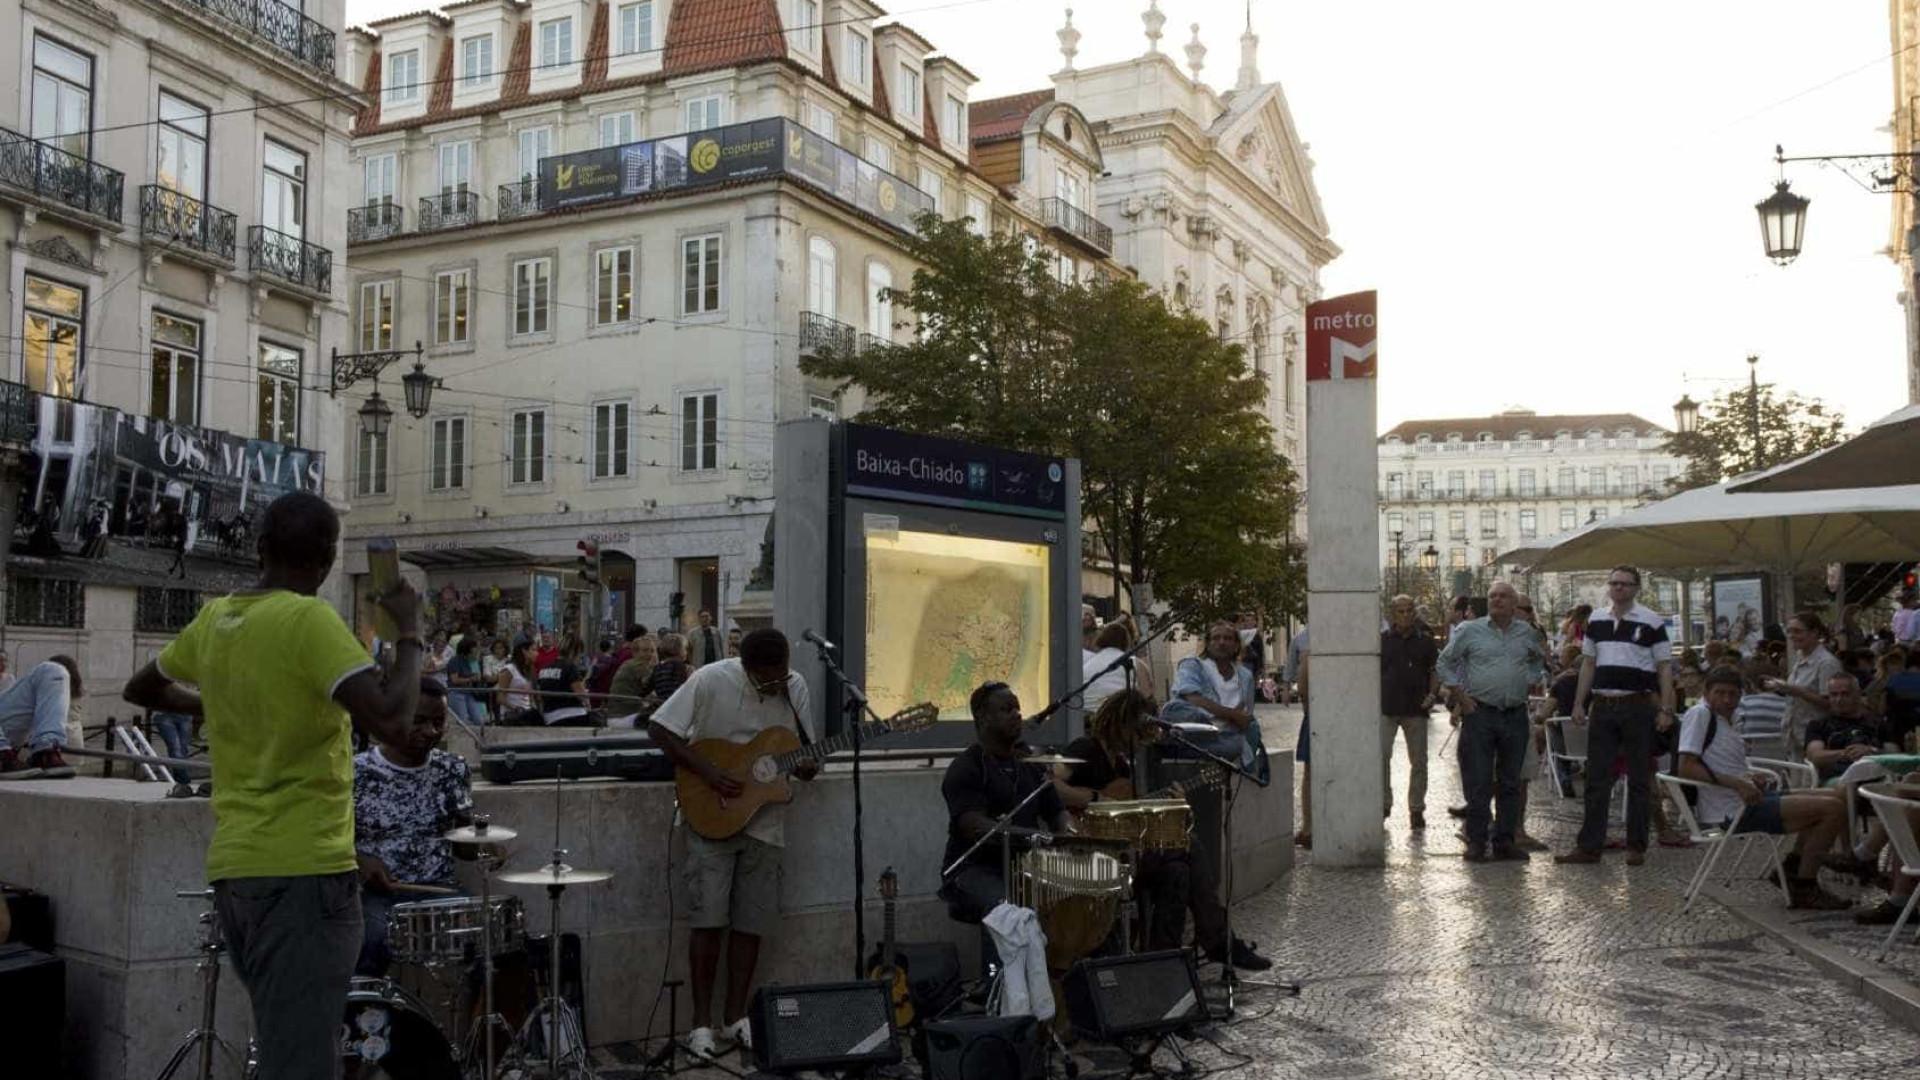 Junta retira publicidade ilegal de lojas da Baixa de Lisboa